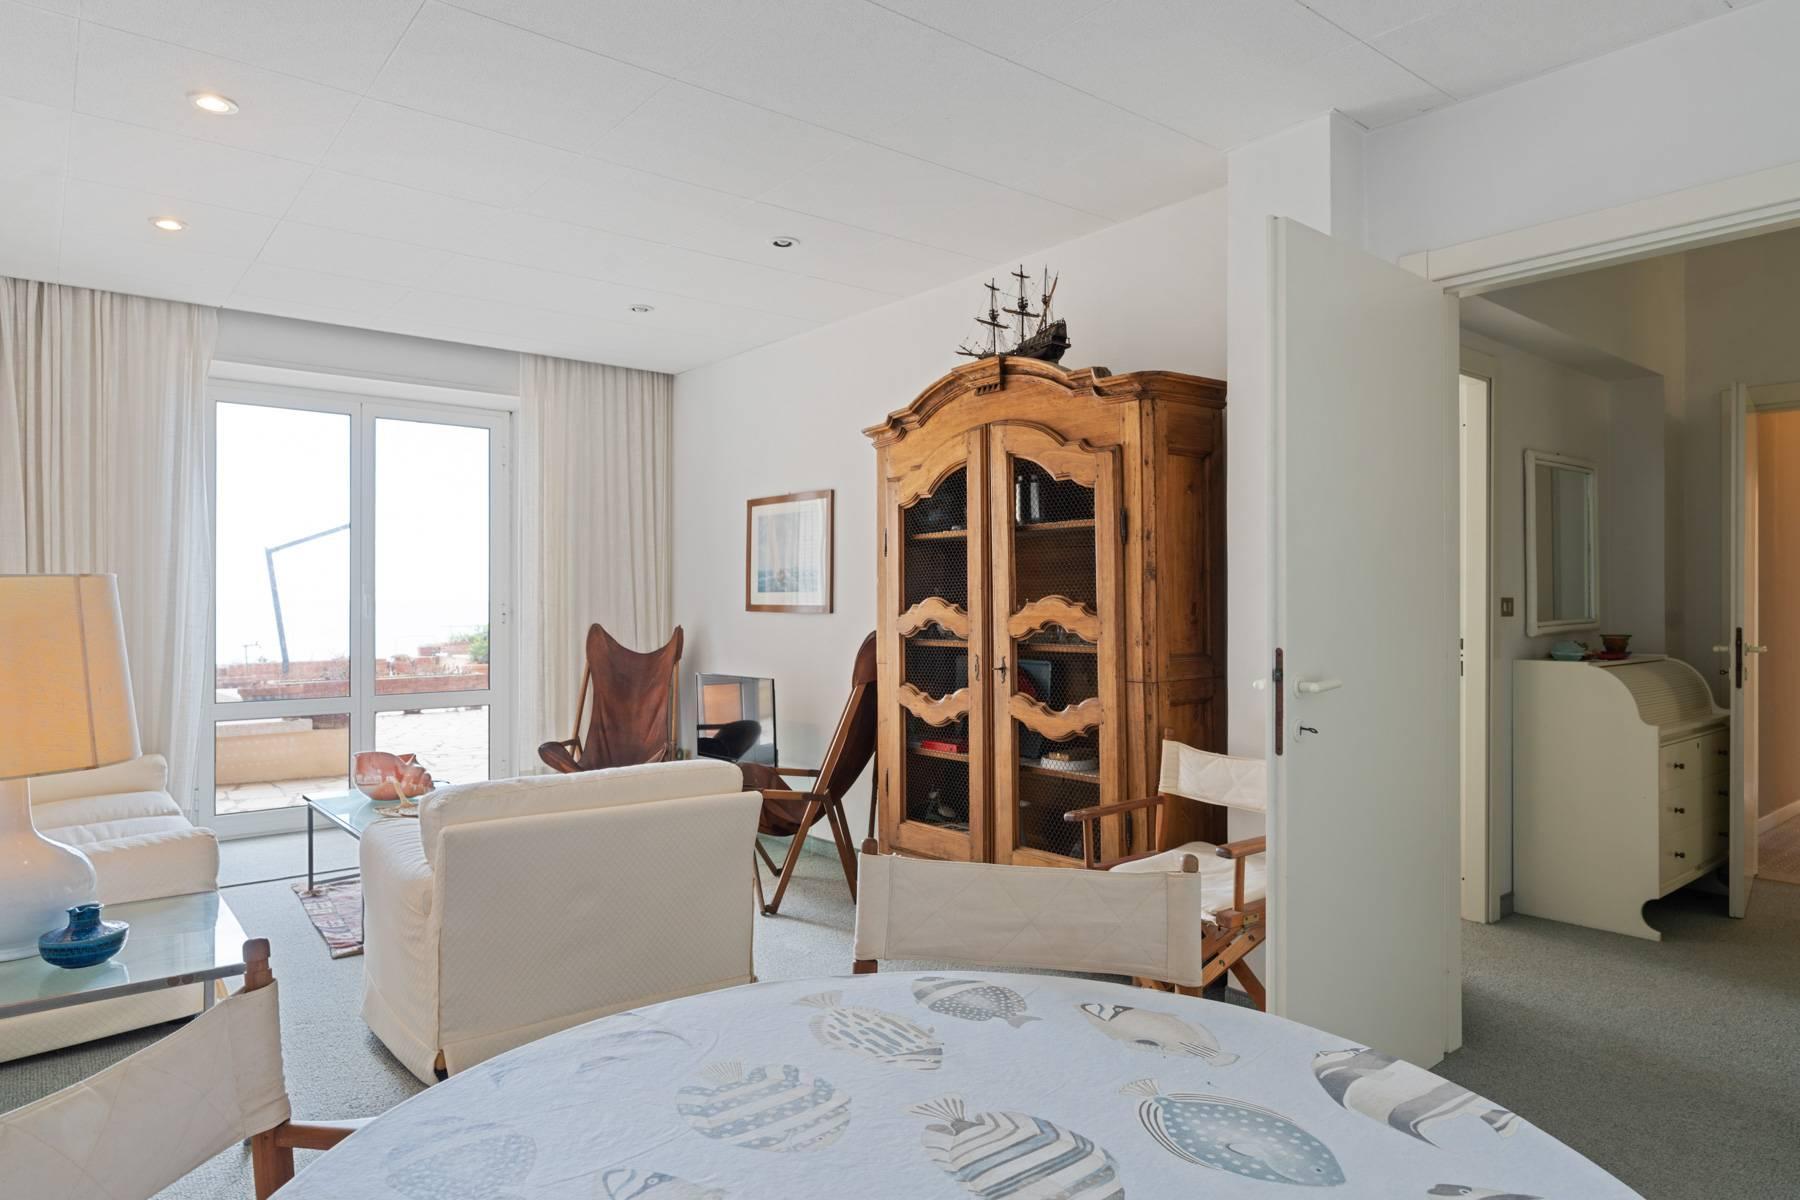 Wohnung am Meer mit wunderscöner Terrasse - 7